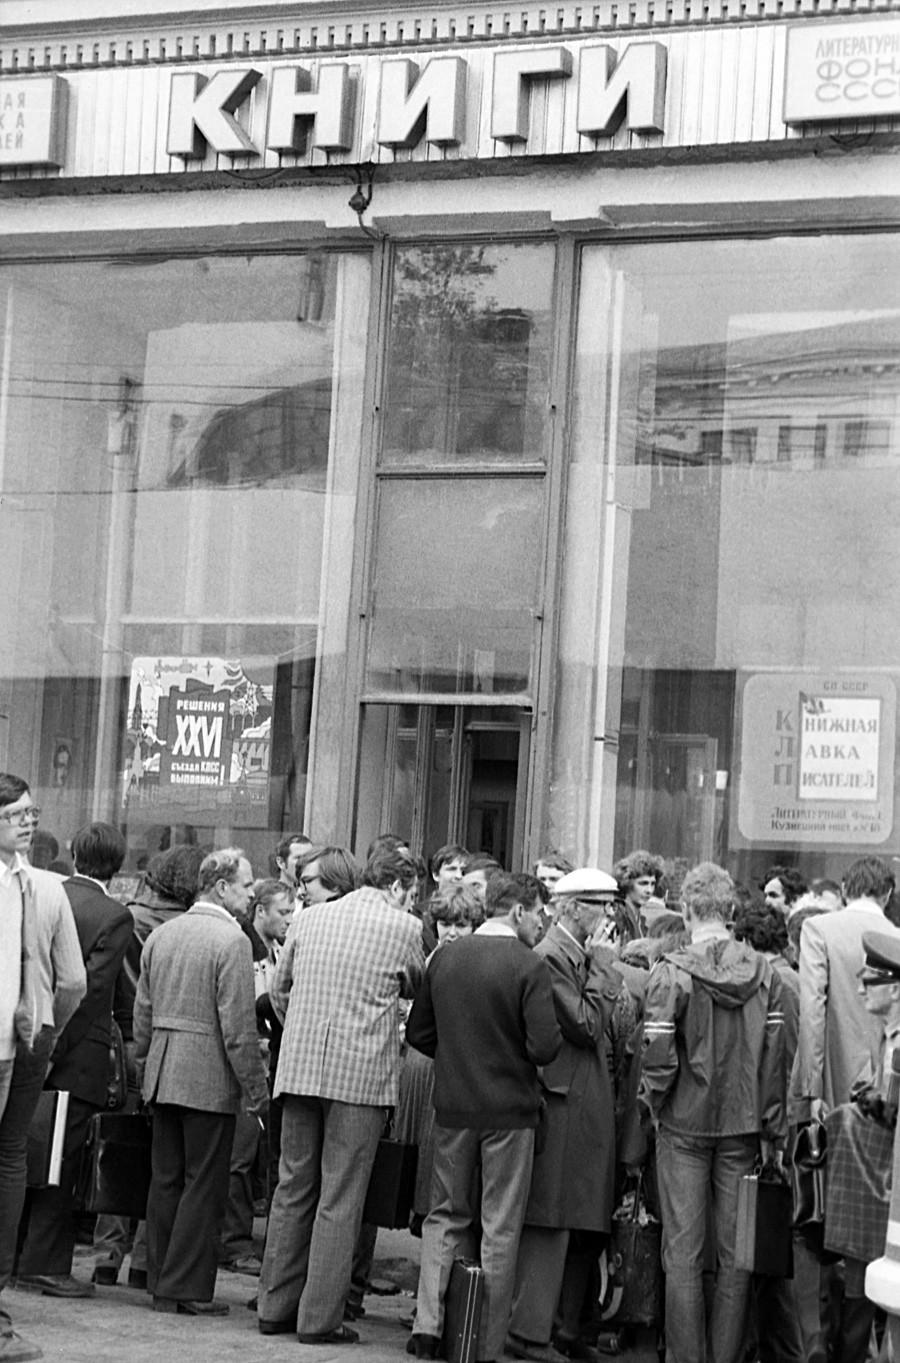 クズネツキー・モストの書店、1981年。